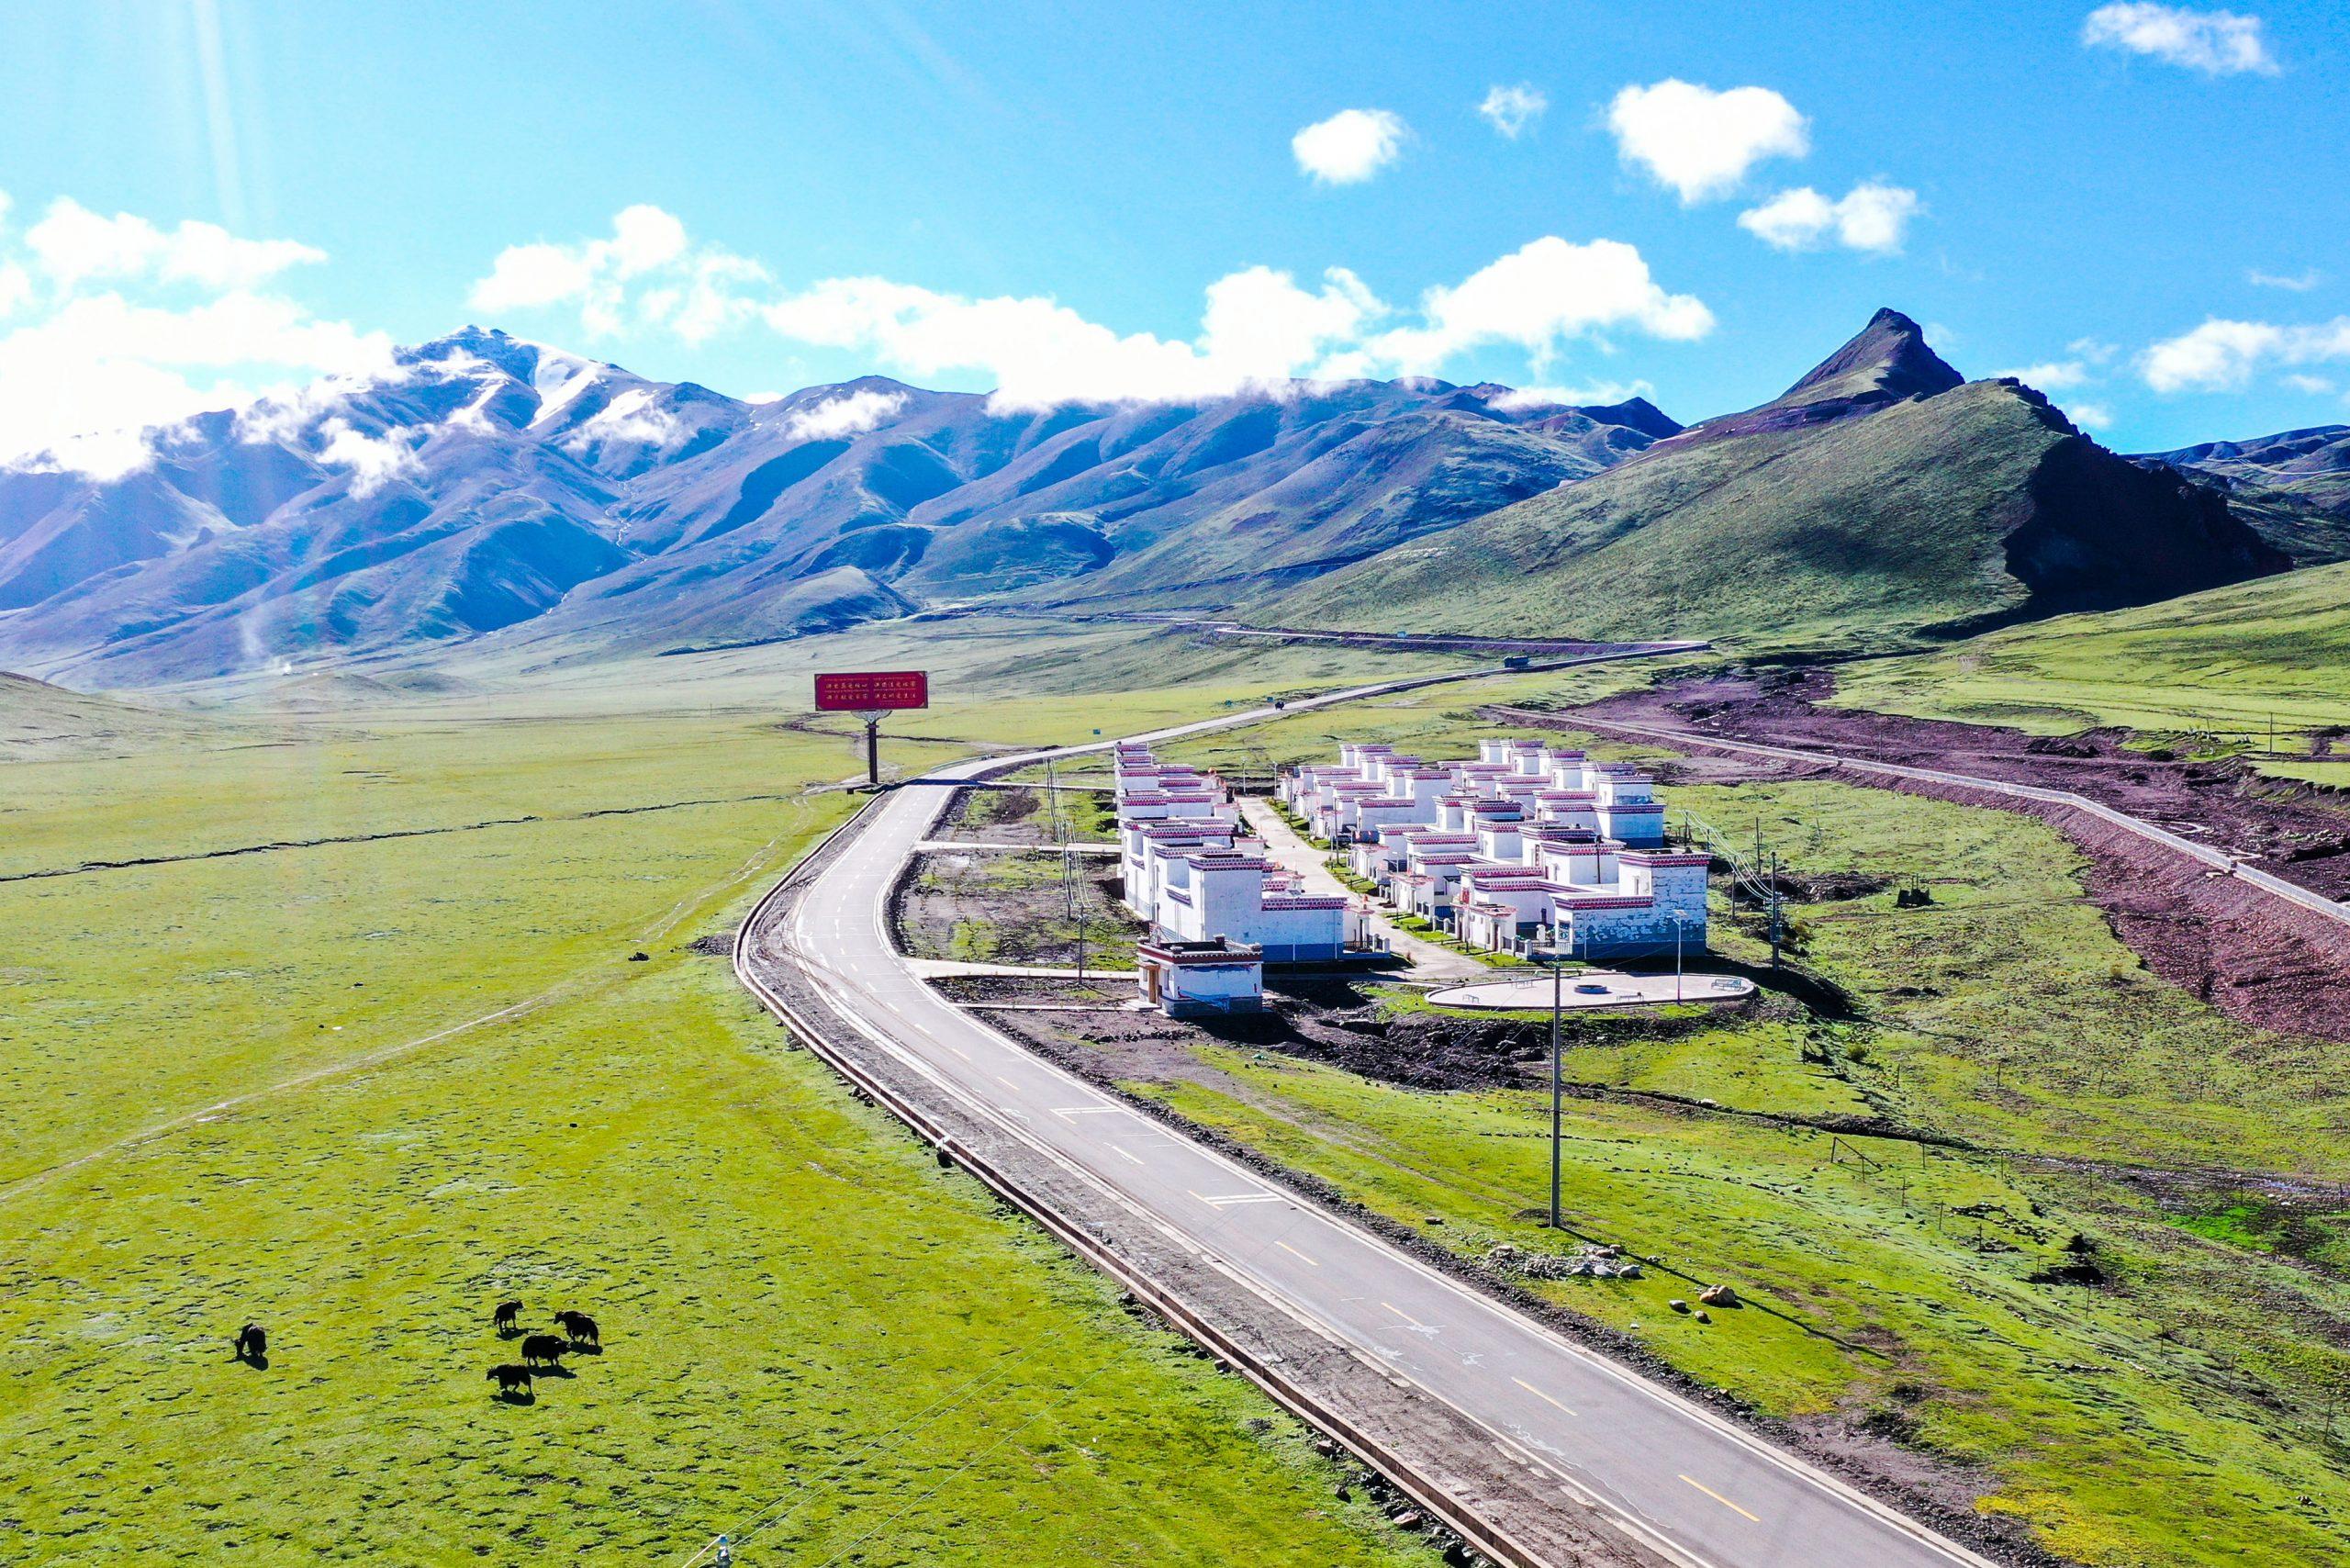 Tíbet reporta aumento en carreteras y conectividad